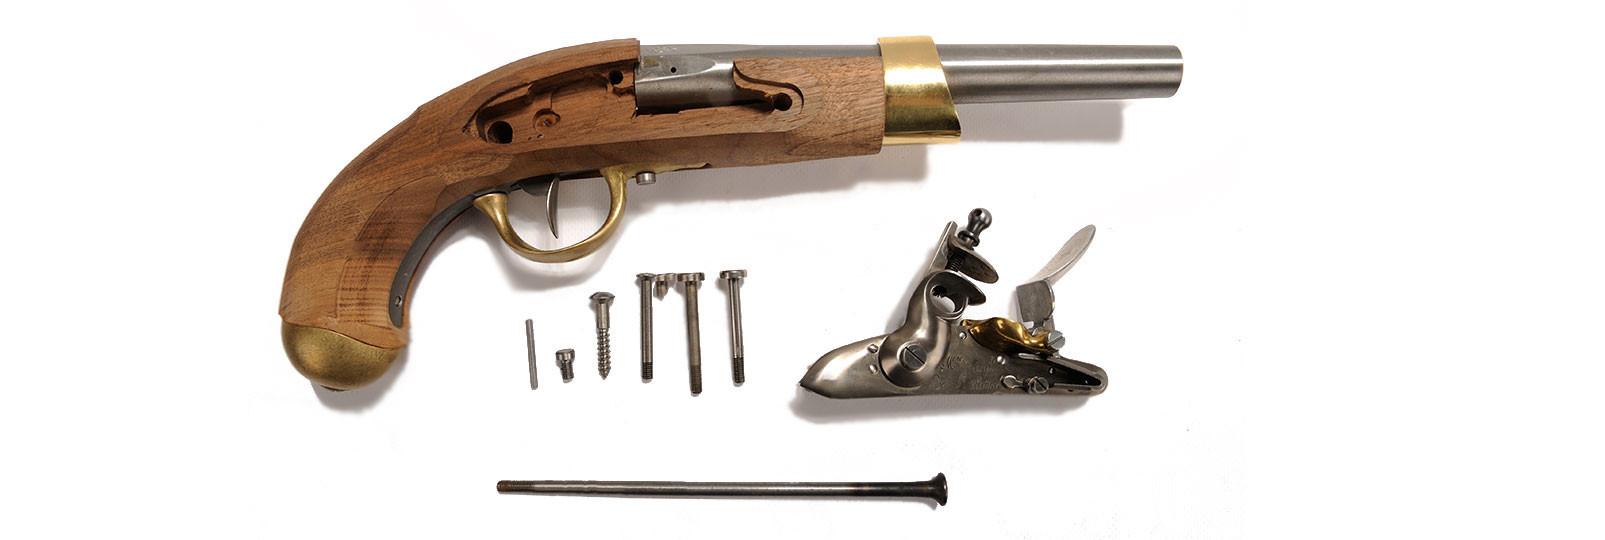 Kit pistola An XIII